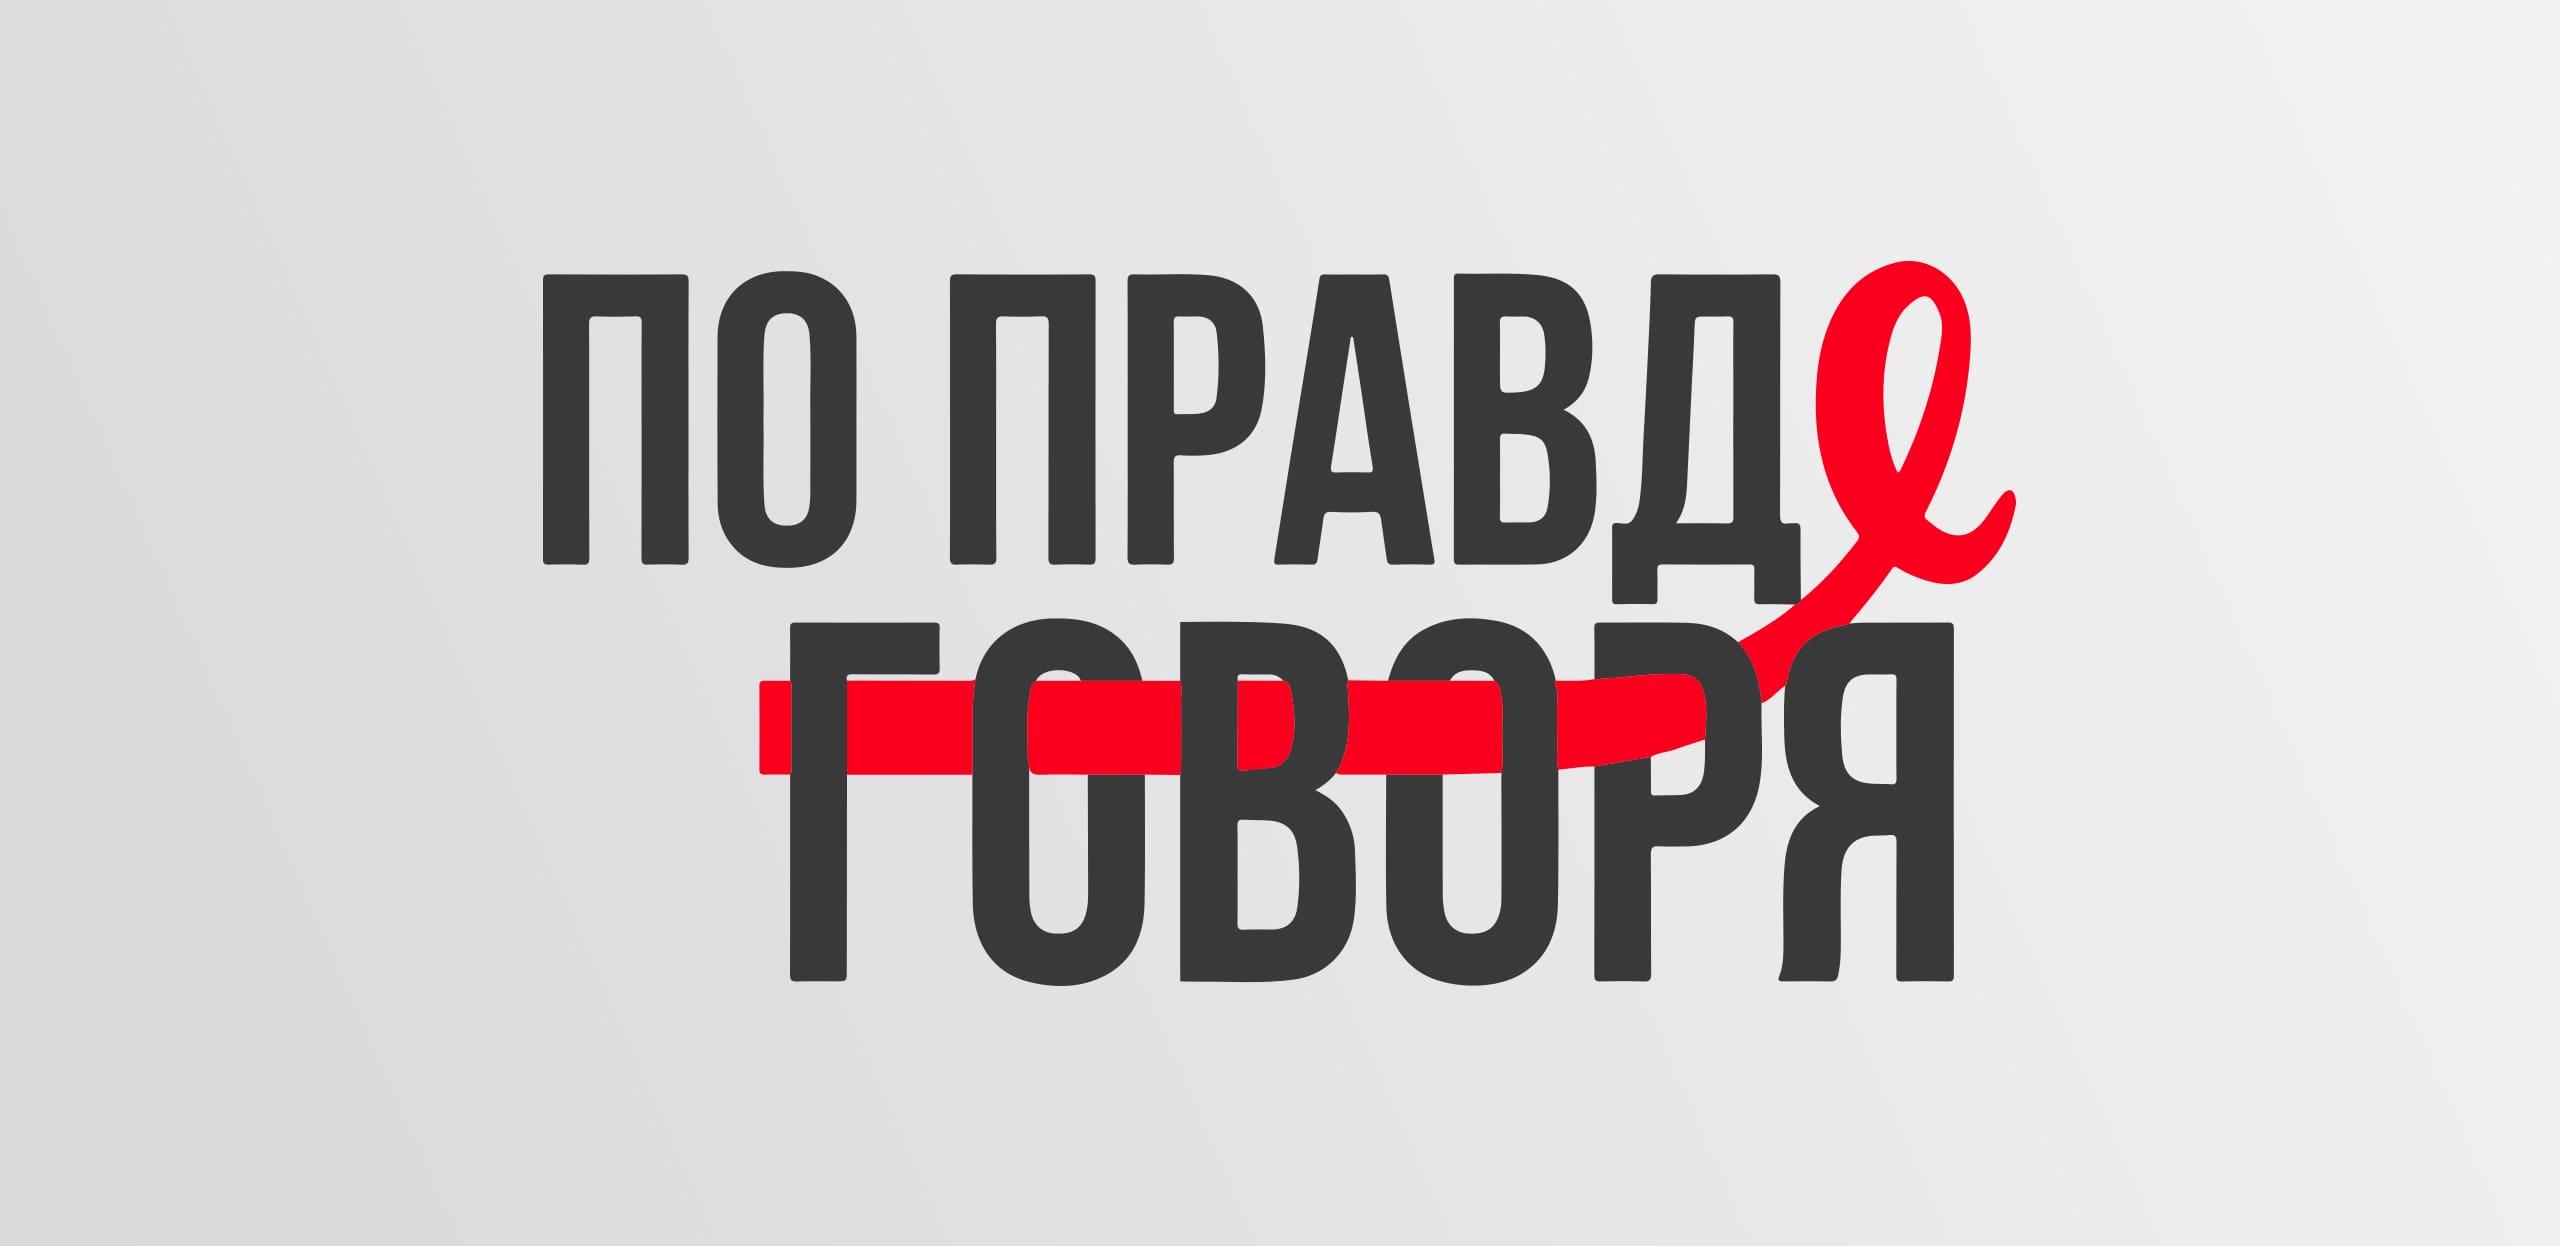 В Одноклассниках пройдет эфир, посвященный проблеме подростков с ВИЧ